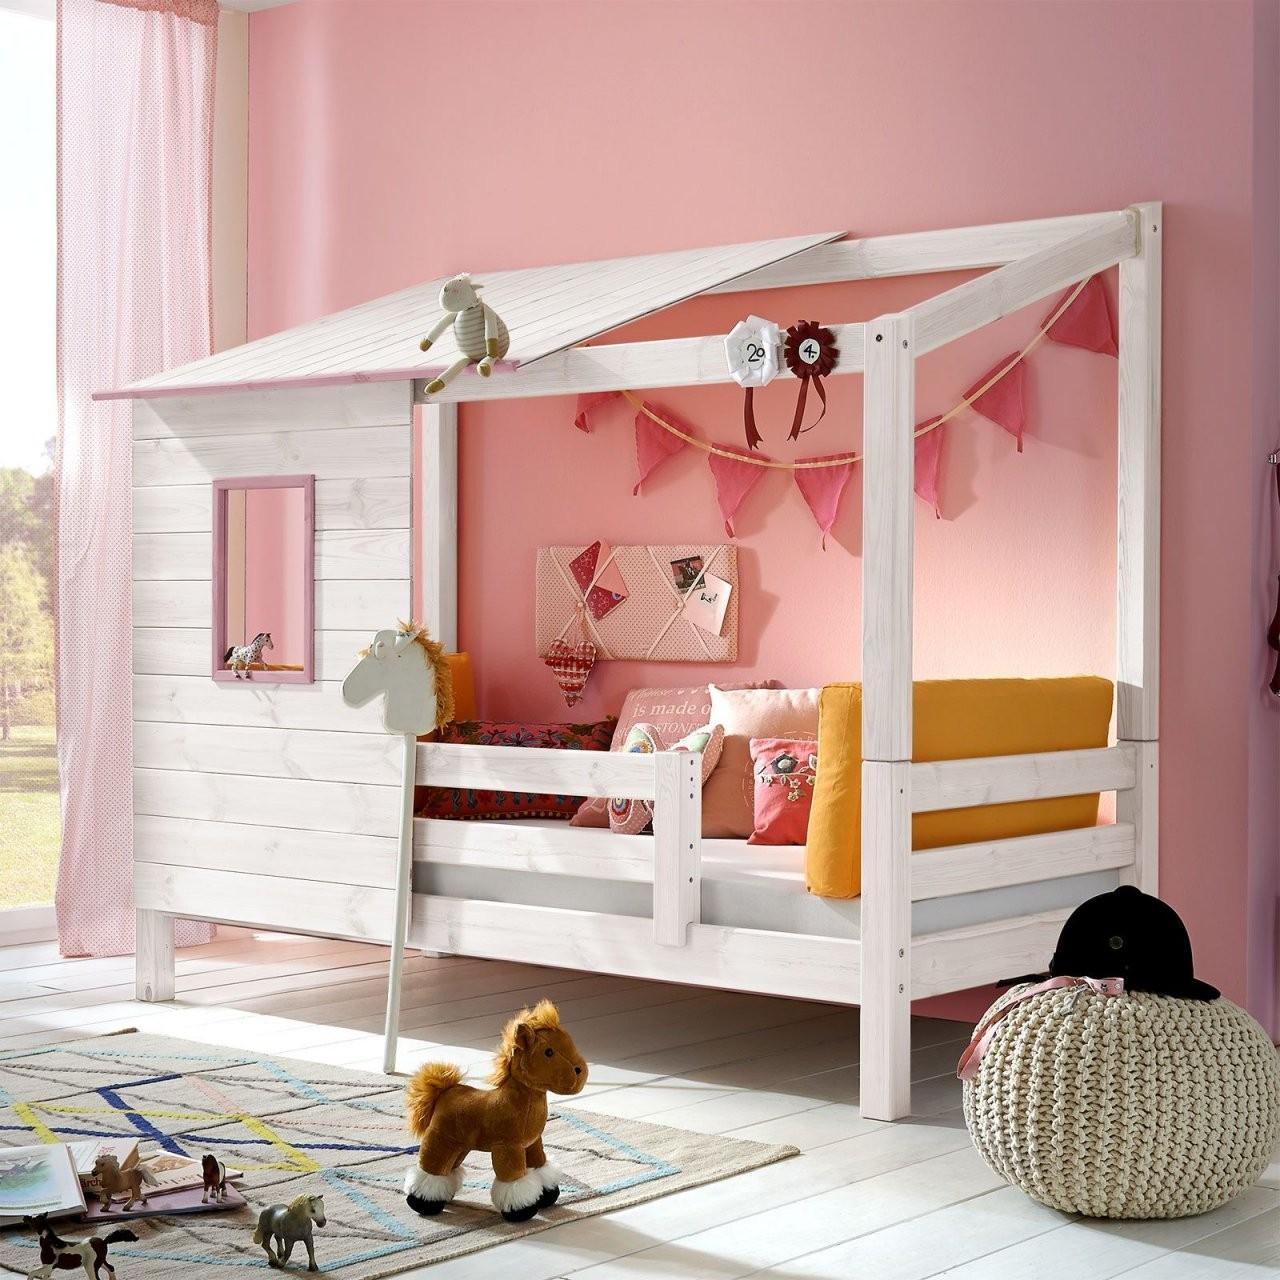 Hausdesign Kinderbett Mit Matratze Und Lattenrost Deko Bett Himmel von Himmel Für Bett Ikea Photo